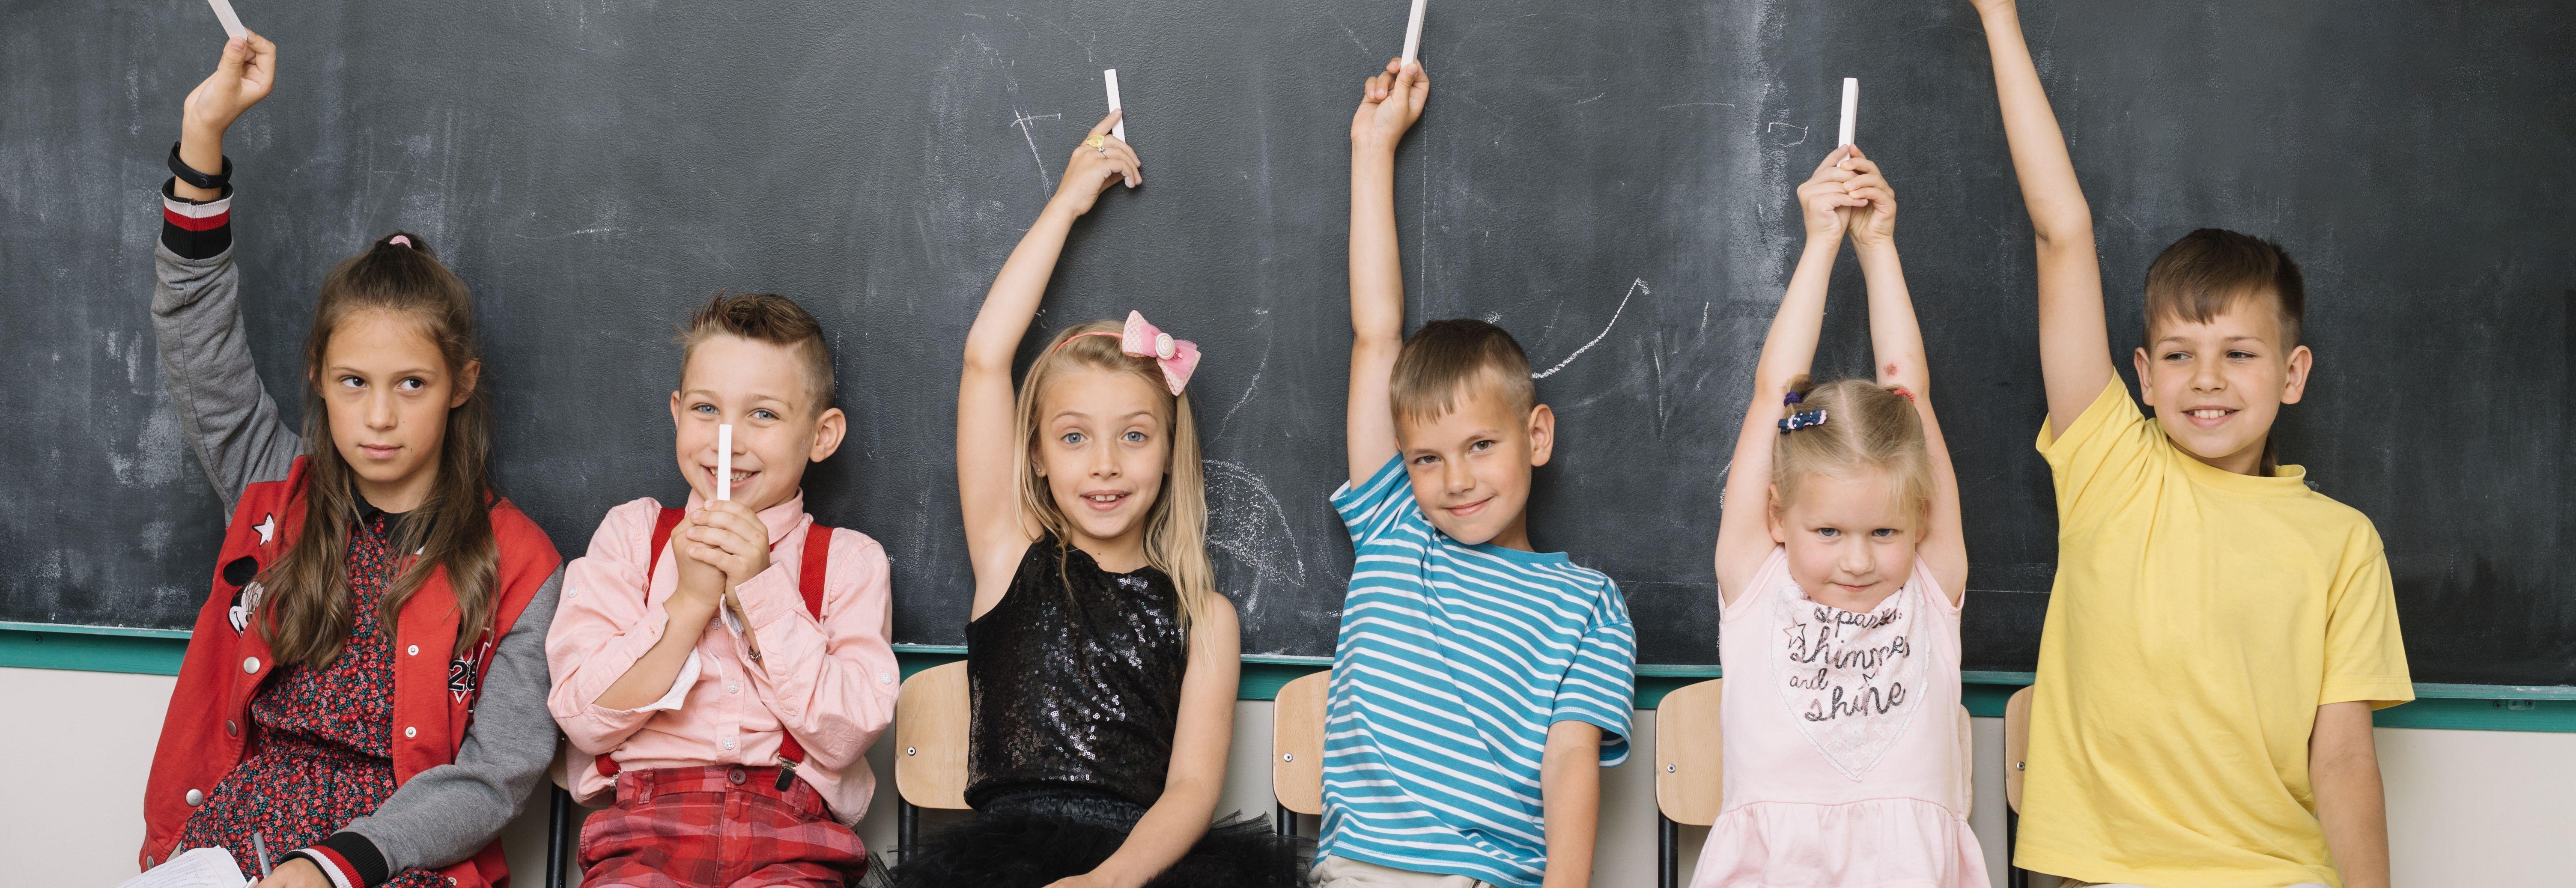 Шкільний ярмарок  збираємо дітей до школи   26 07 2018 - vsim.ua 5247c103e883a